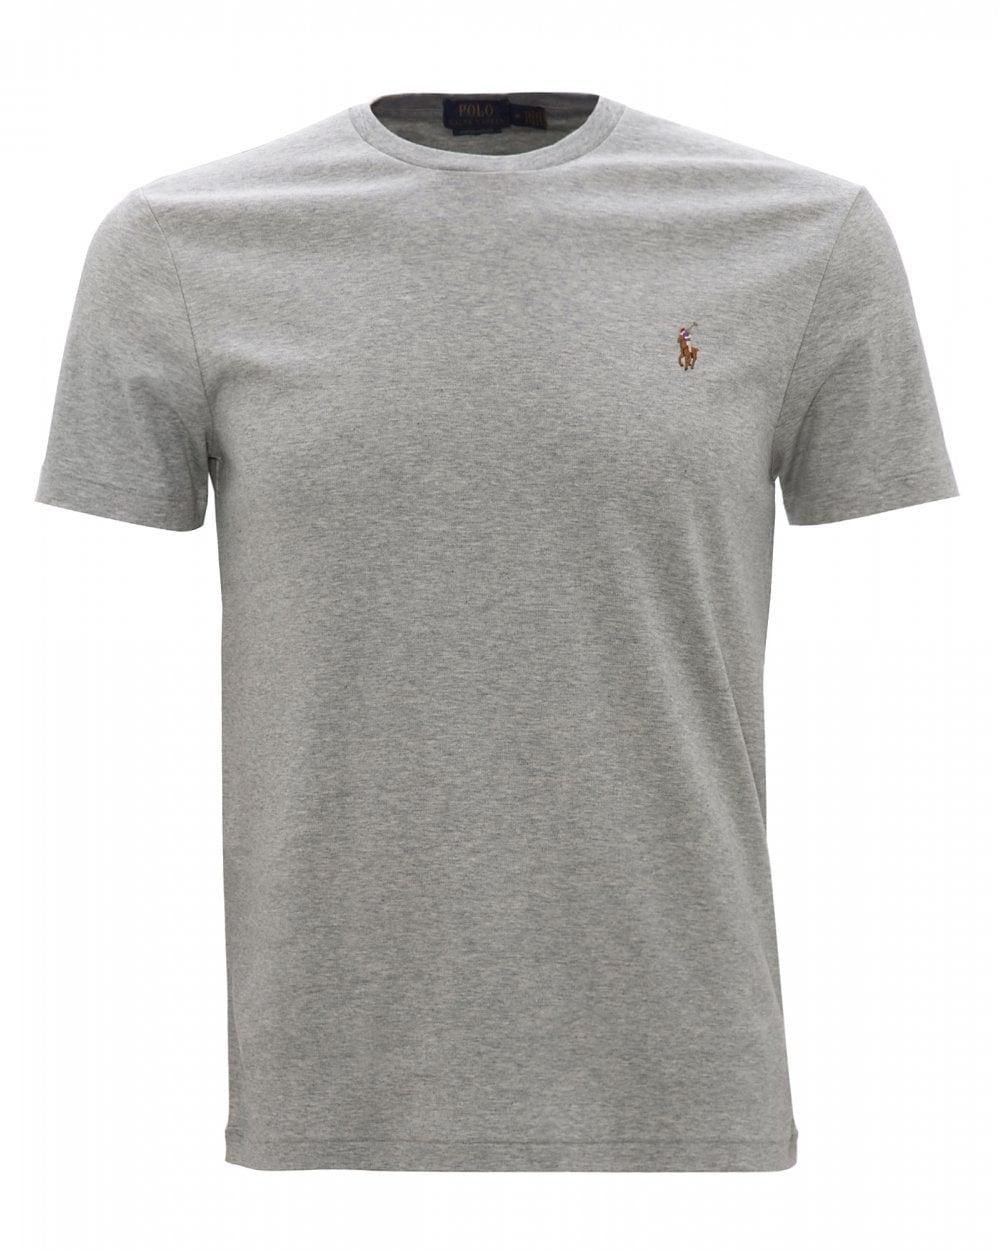 ralph lauren tee shirts sale Shop Clothing & Shoes Online